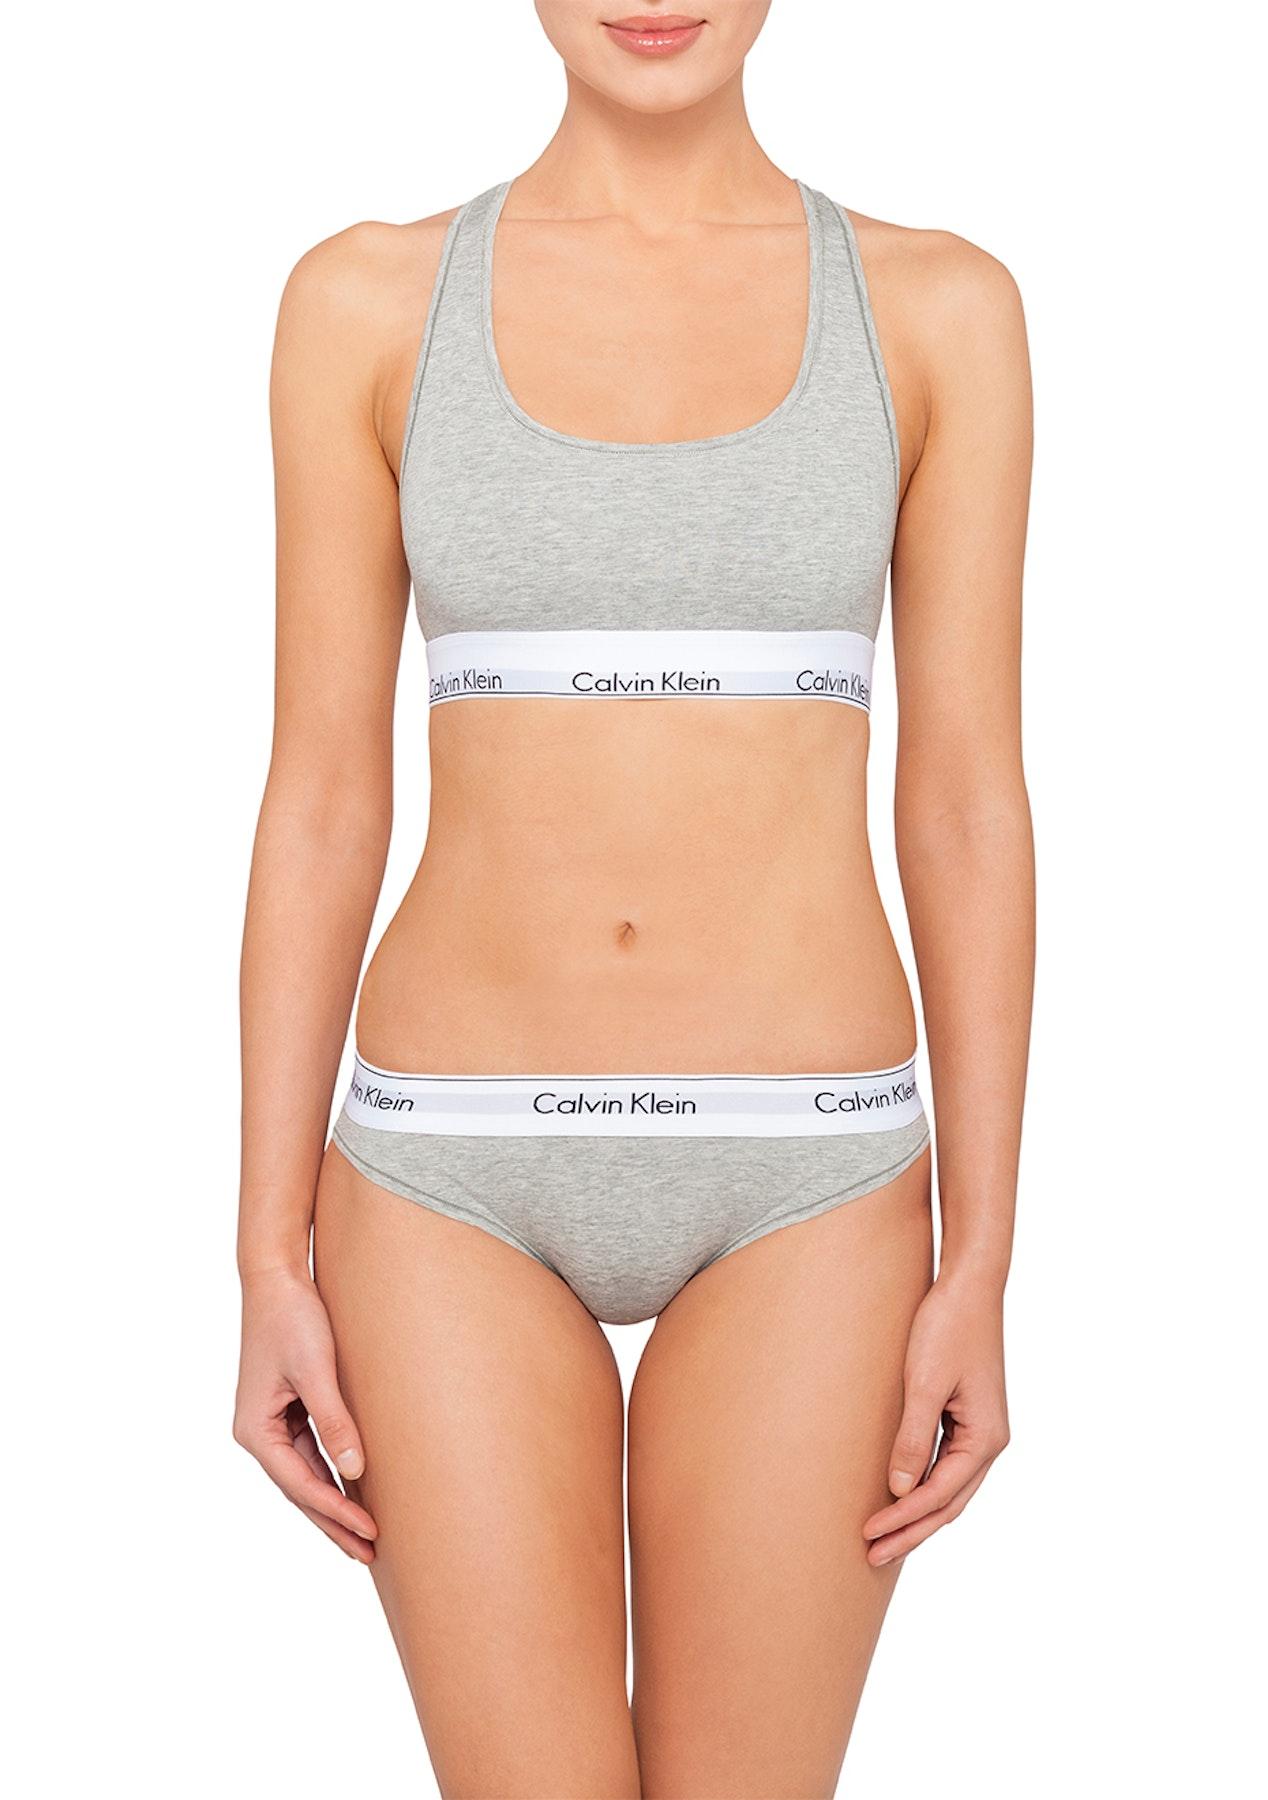 510814263bcf22 Calvin Klein - Modern Cotton Bralette - Grey Heather - Calvin Klein  Underwear - Onceit